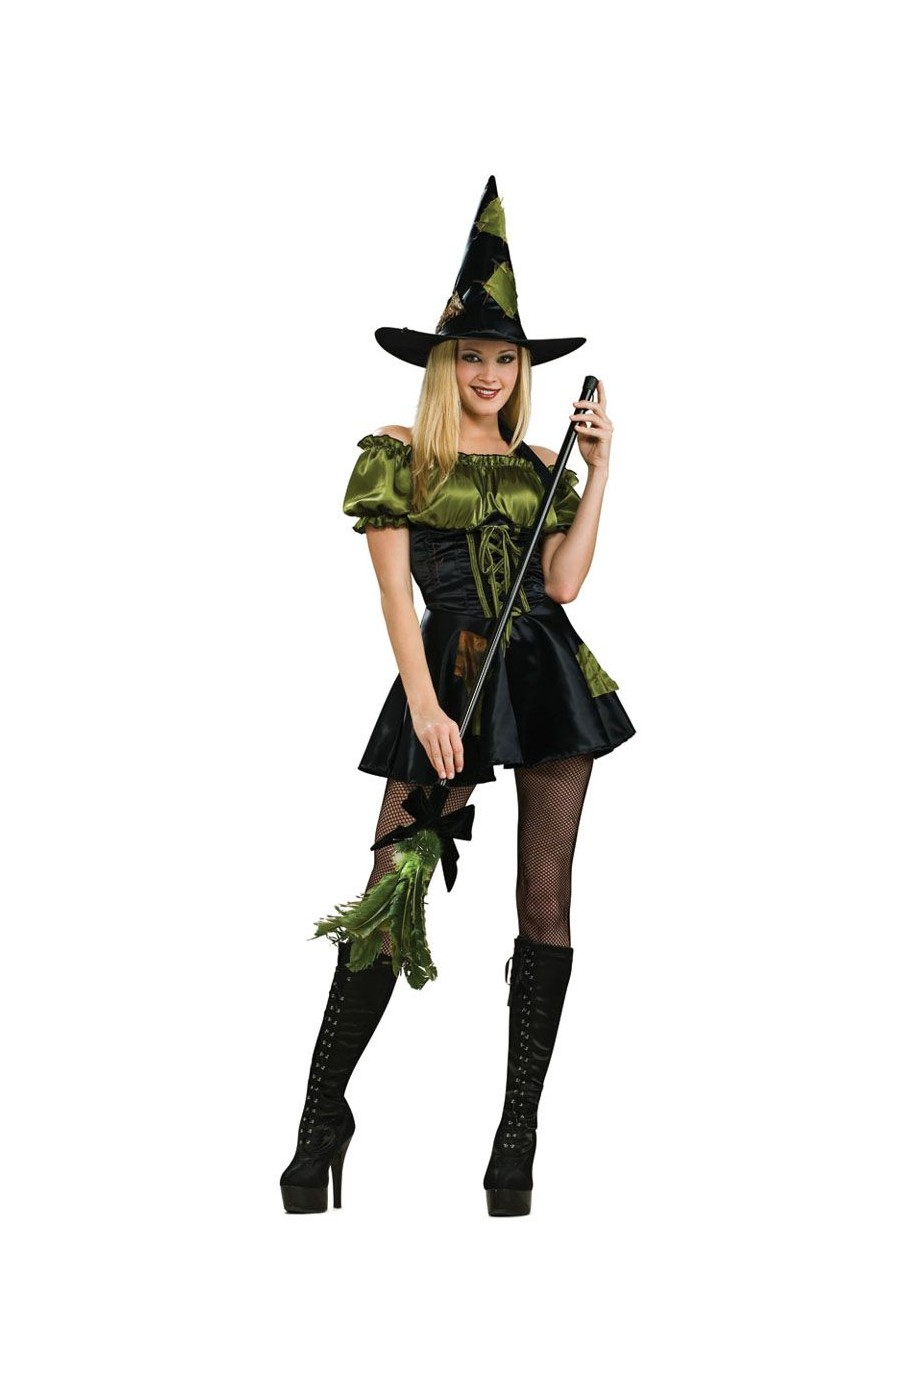 Vestiti Halloween Strega.Vestito Di Halloween Da Strega Patch Del Mago Di Oz Sexy